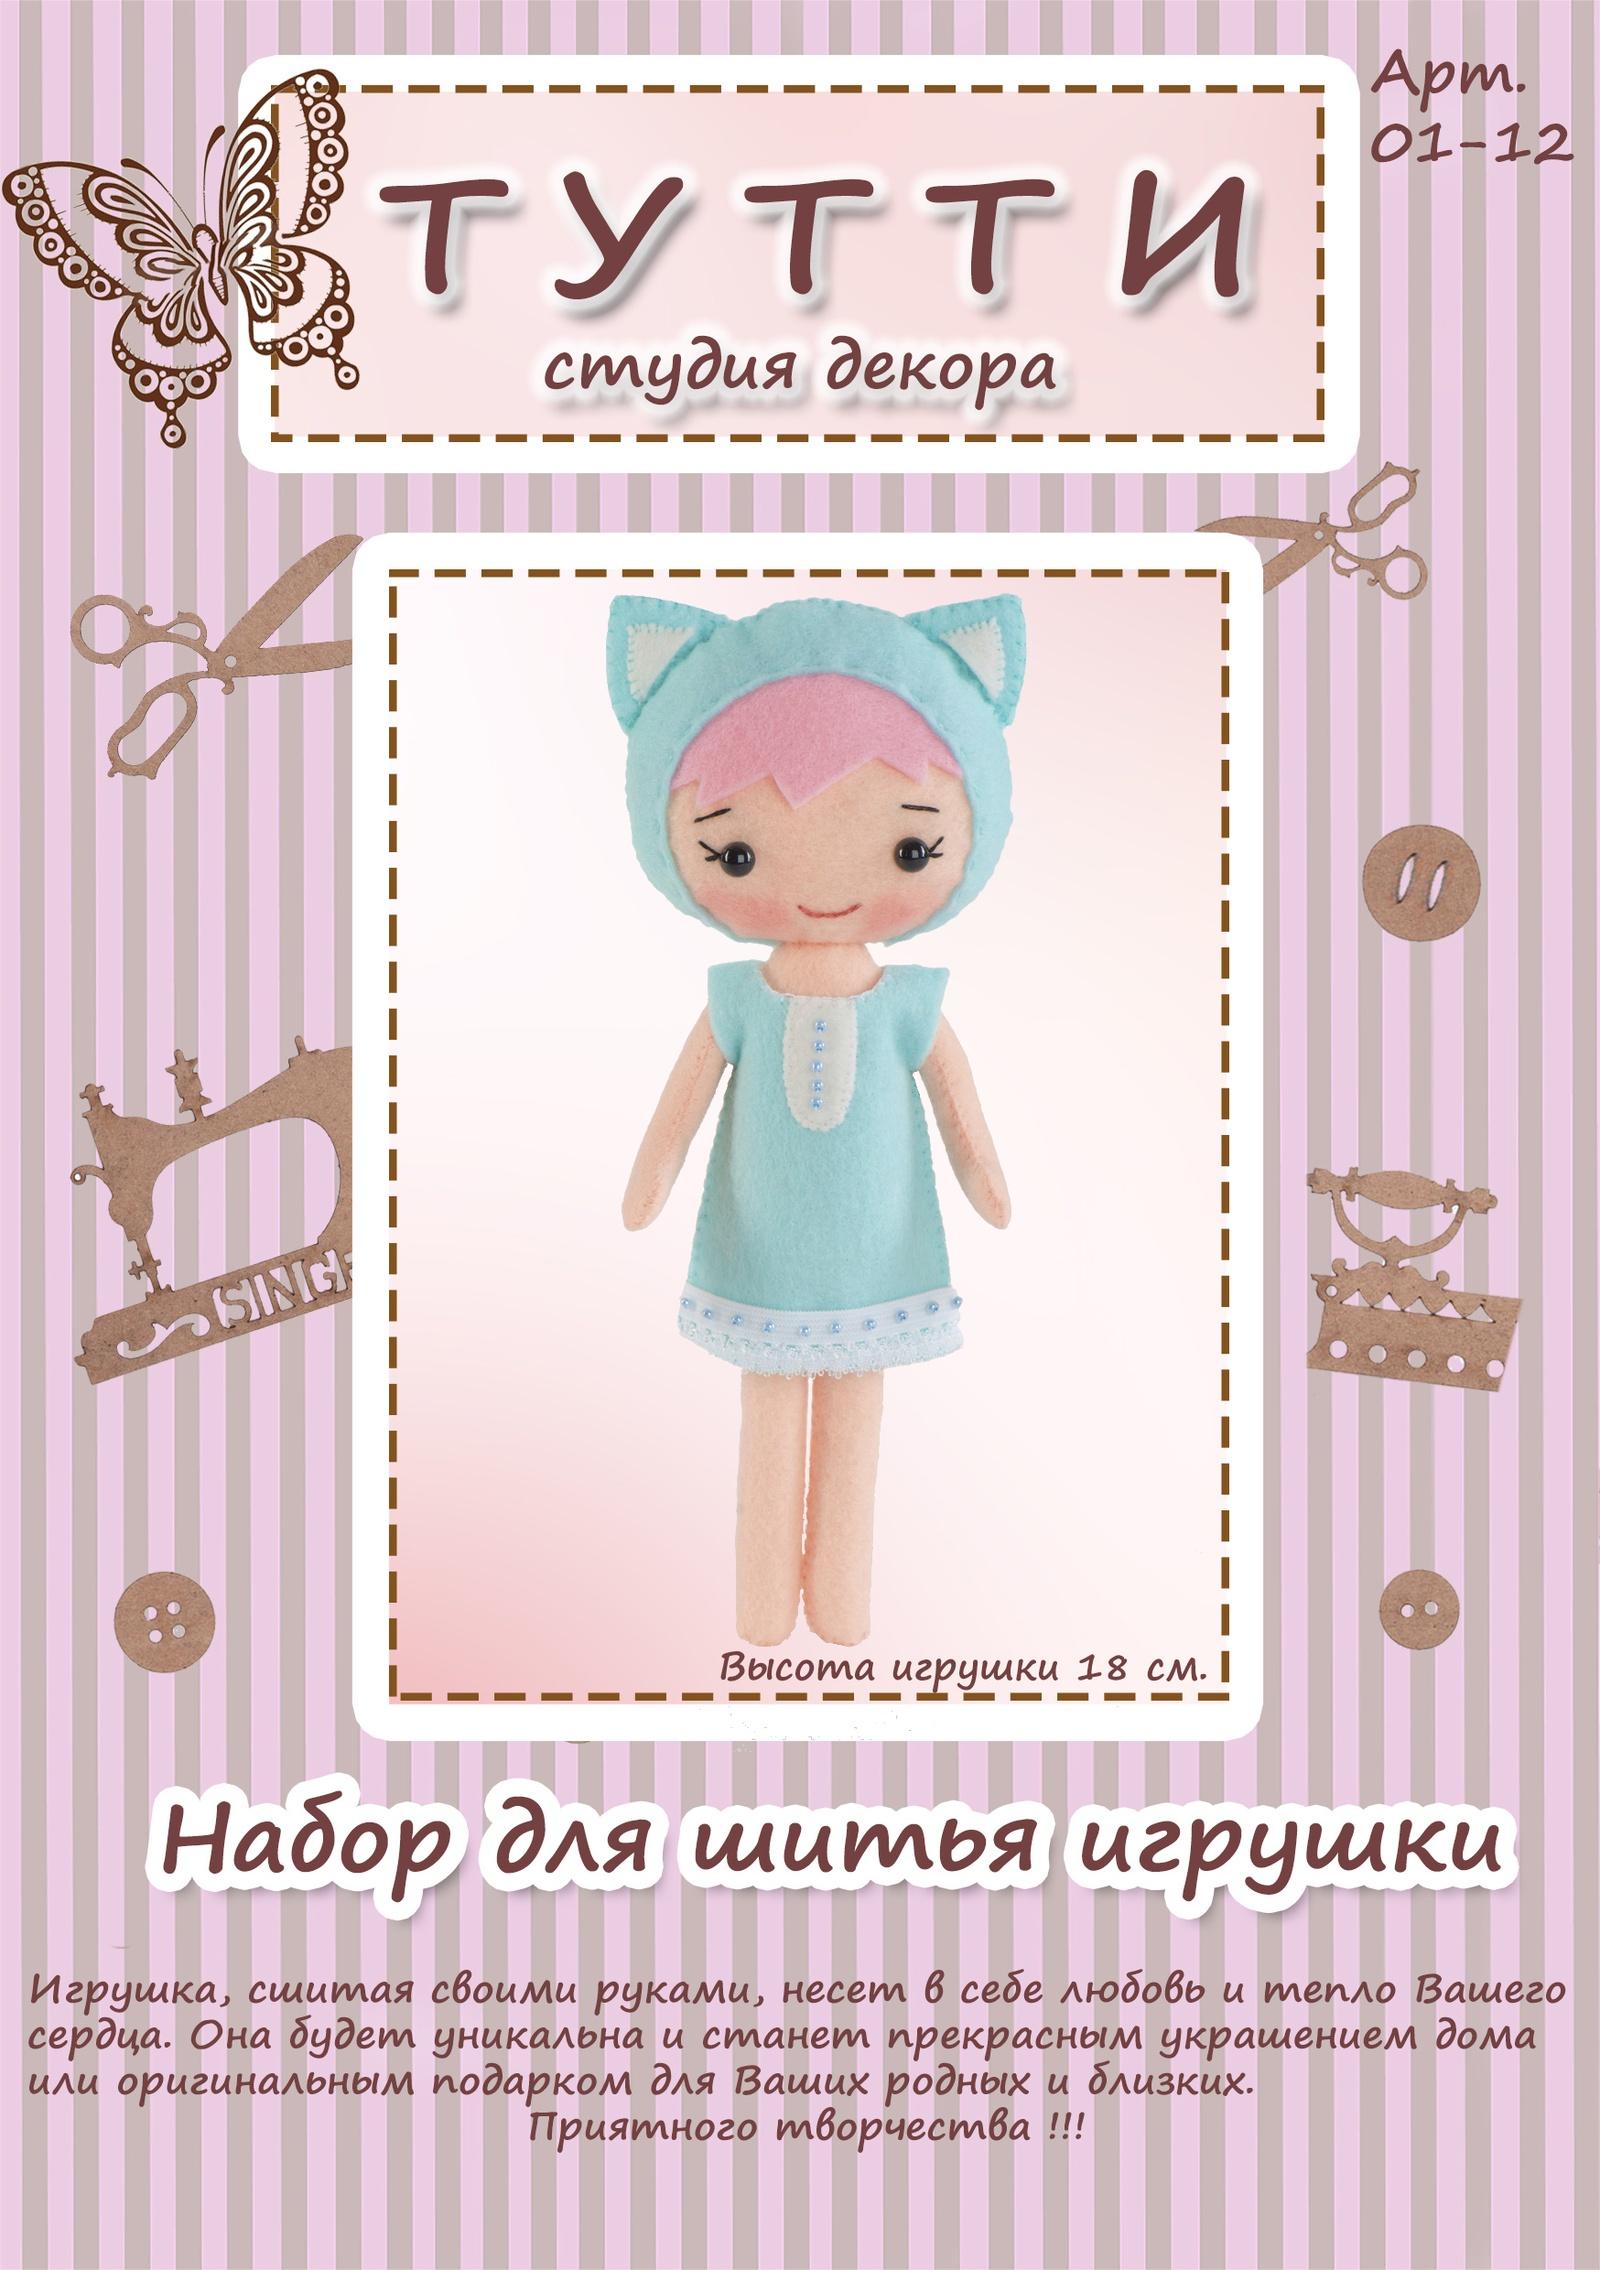 Набор для шитья игрушки из фетра Тутти Кошечка Кэтти, 01-12 наборы из фетра в пакете с хедером четырехлистники 11 21136 15